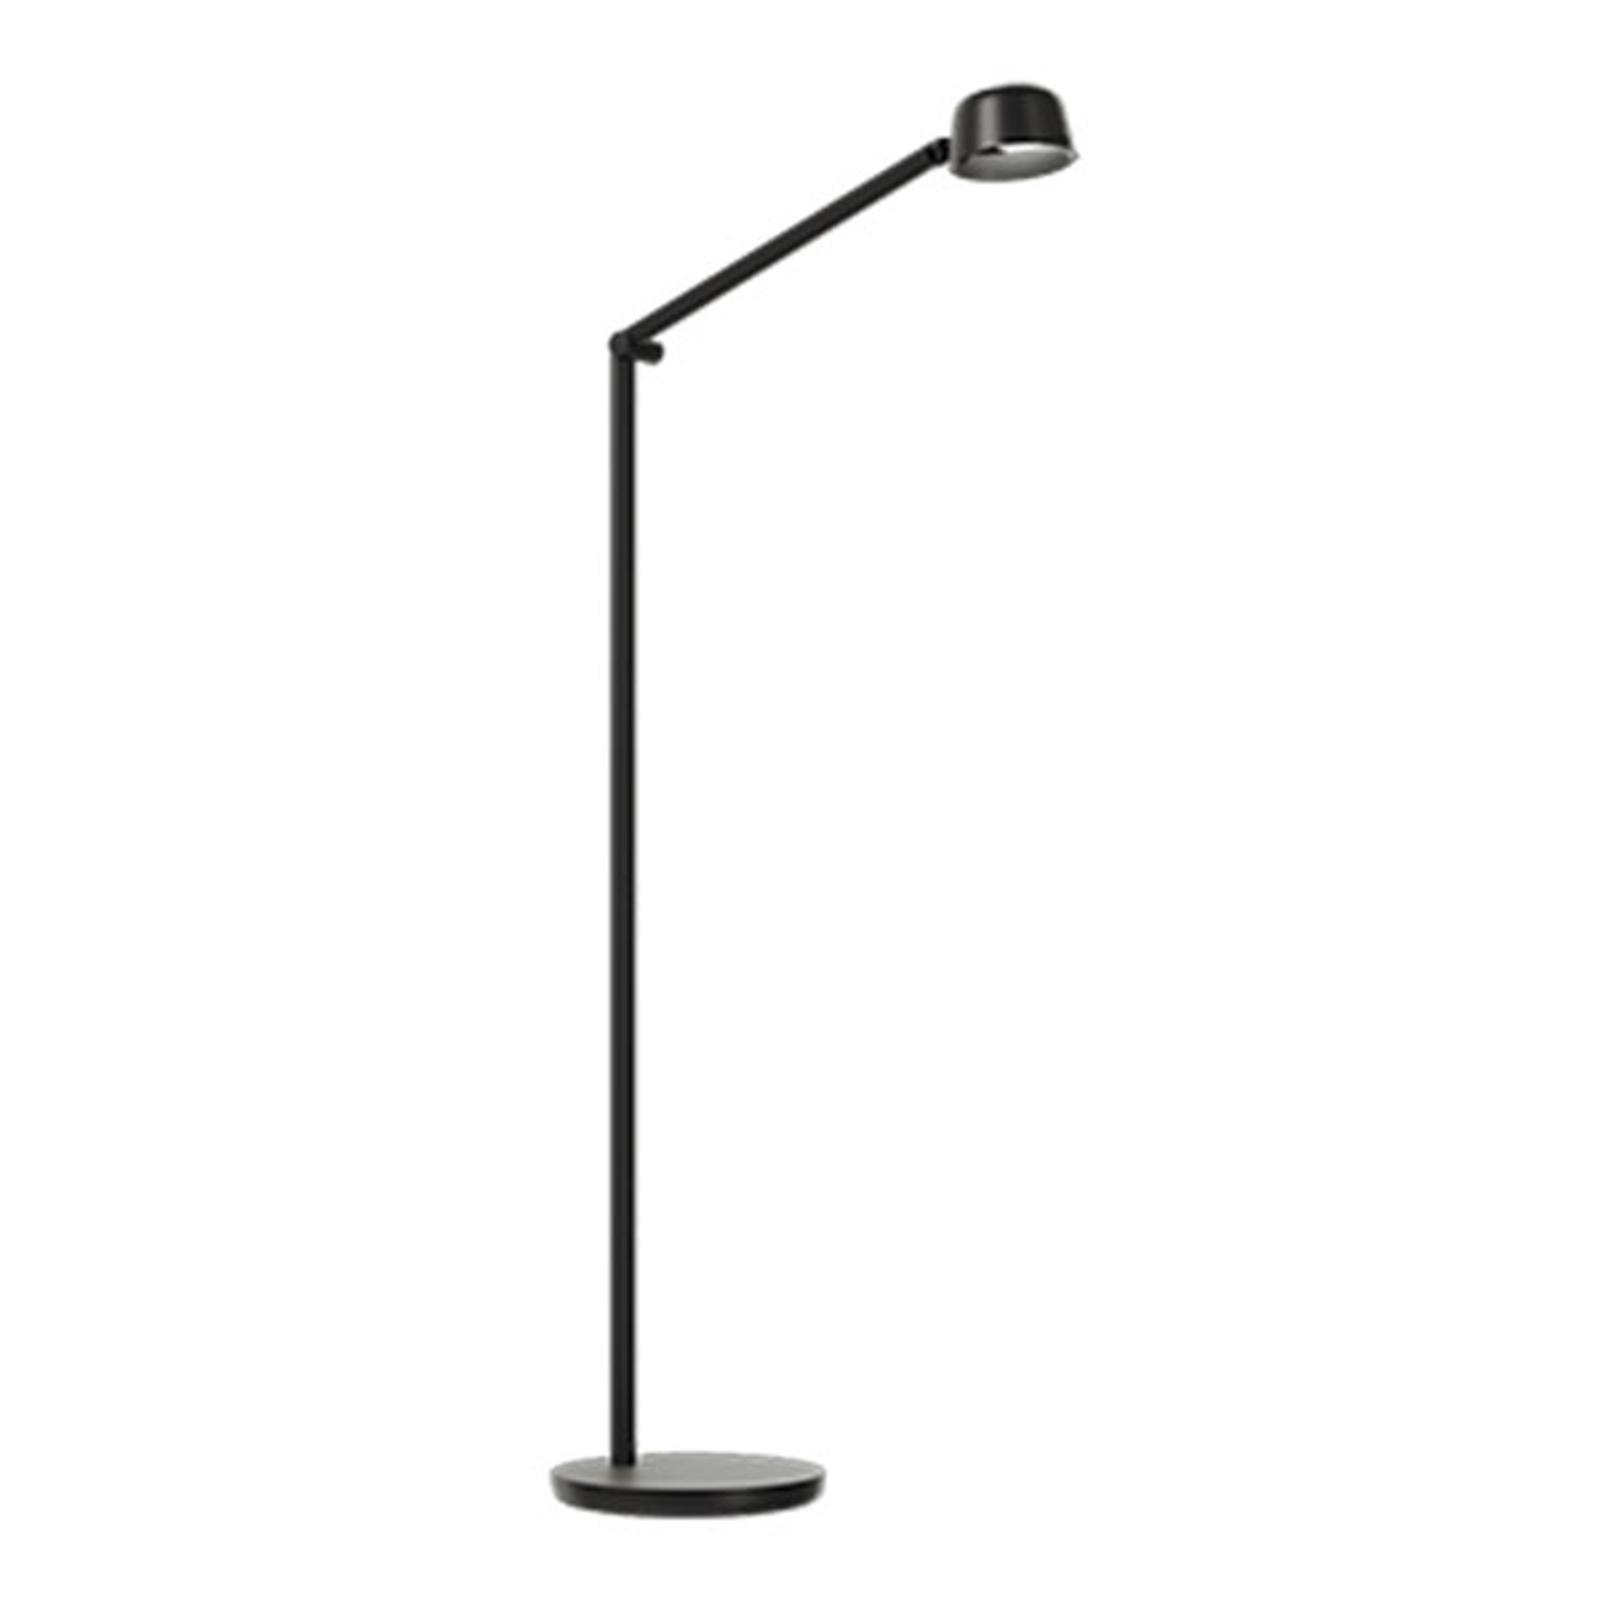 LED-Stehleuchte Motus Floor-2 verstellbar, schwarz